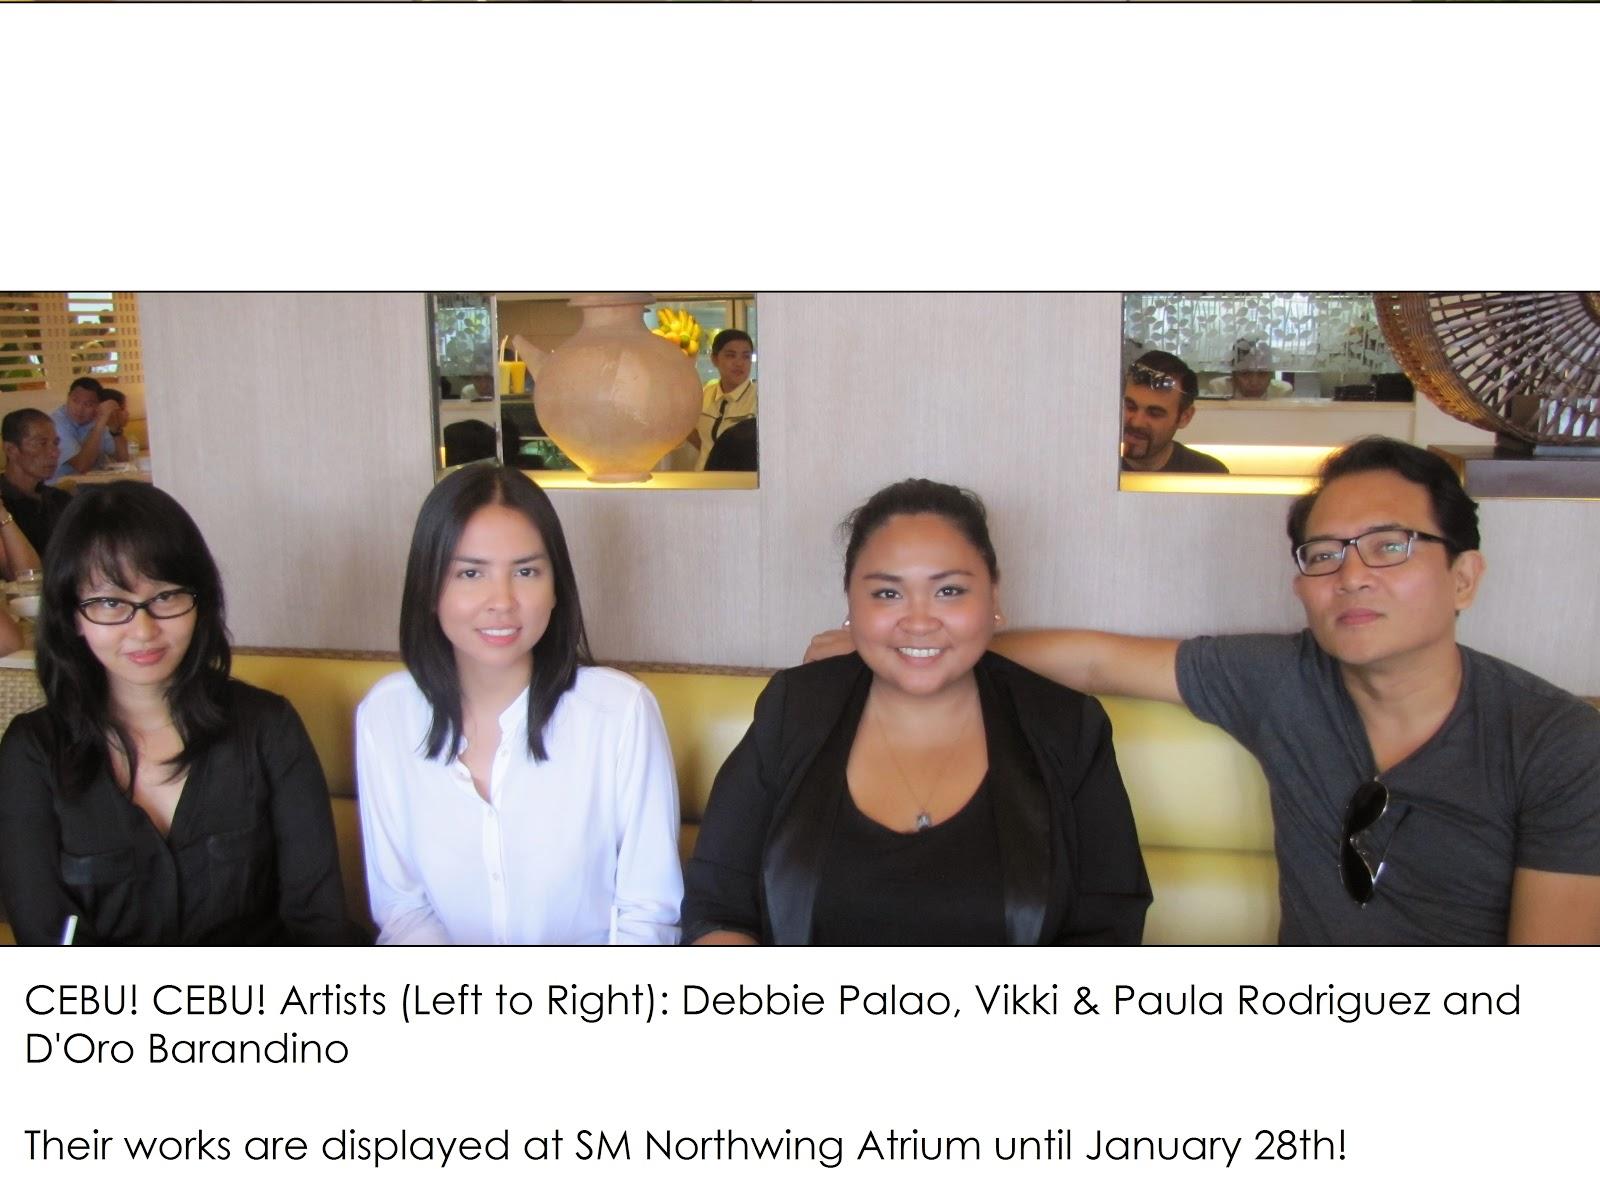 FTW! Blog, Cebu! Cebu! 2015, cebu pride, cebu artists, #032pride, #032artists